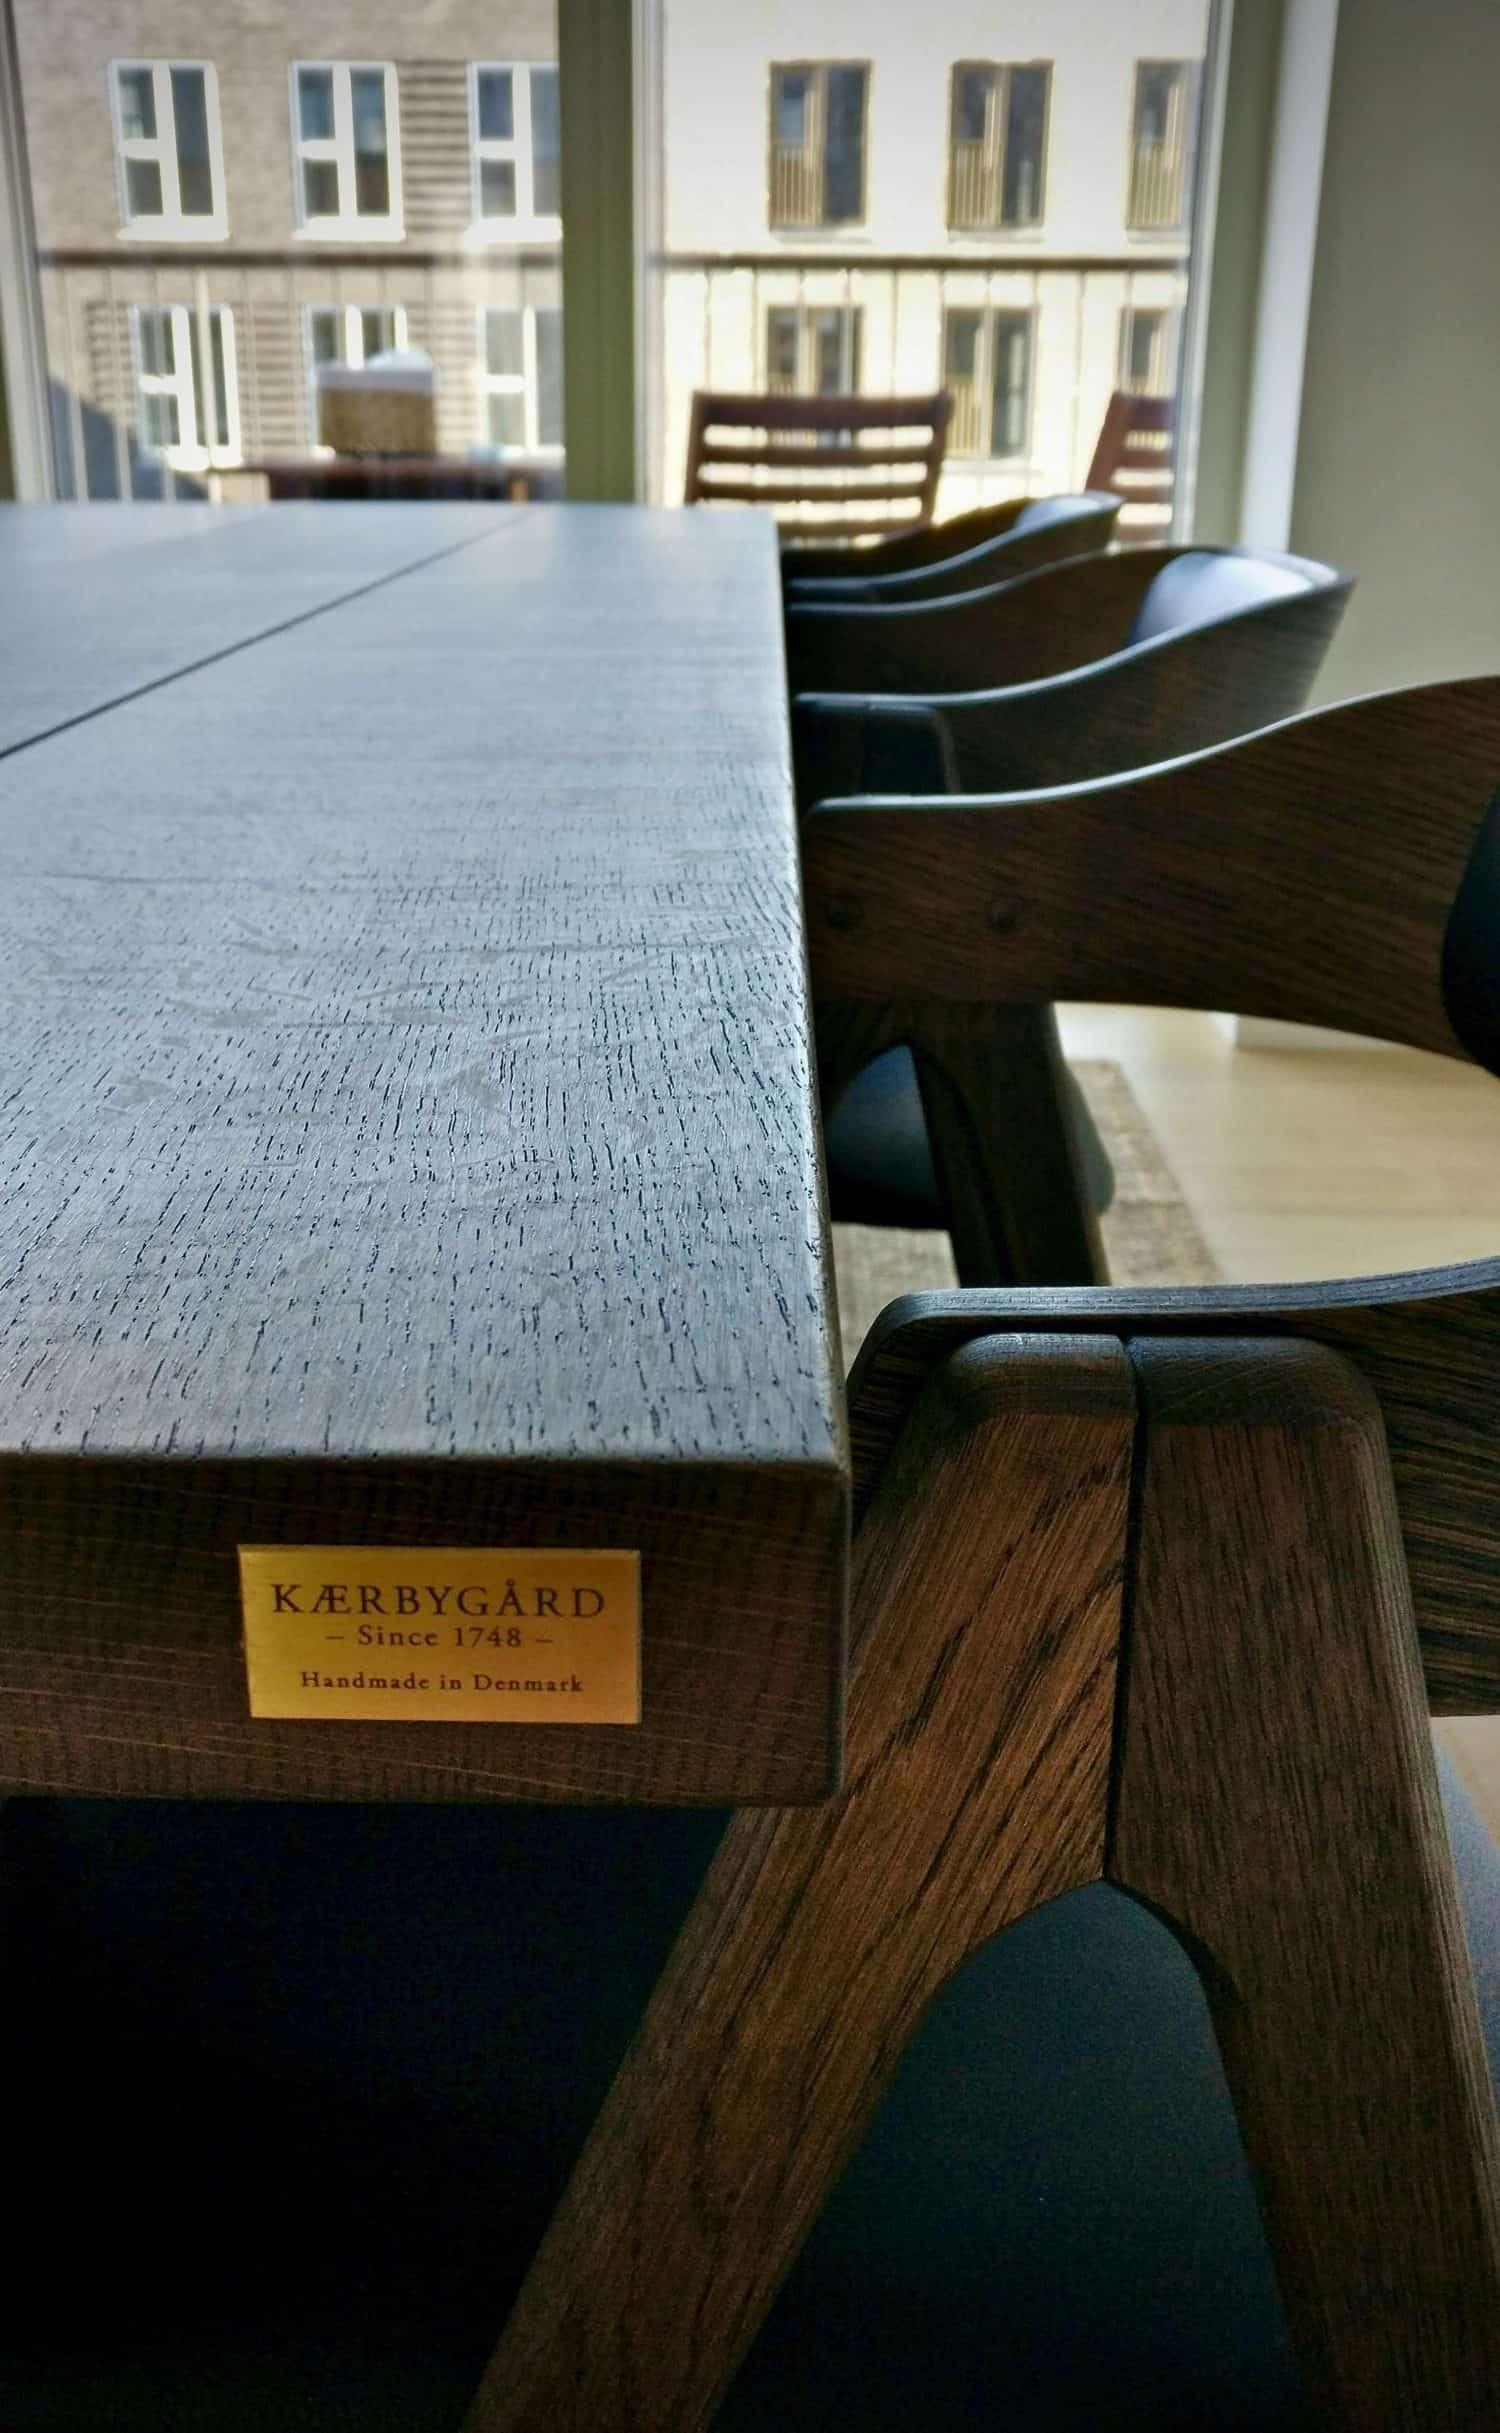 4 planke indoor indendoers mette spisebordsstol 1 scaled